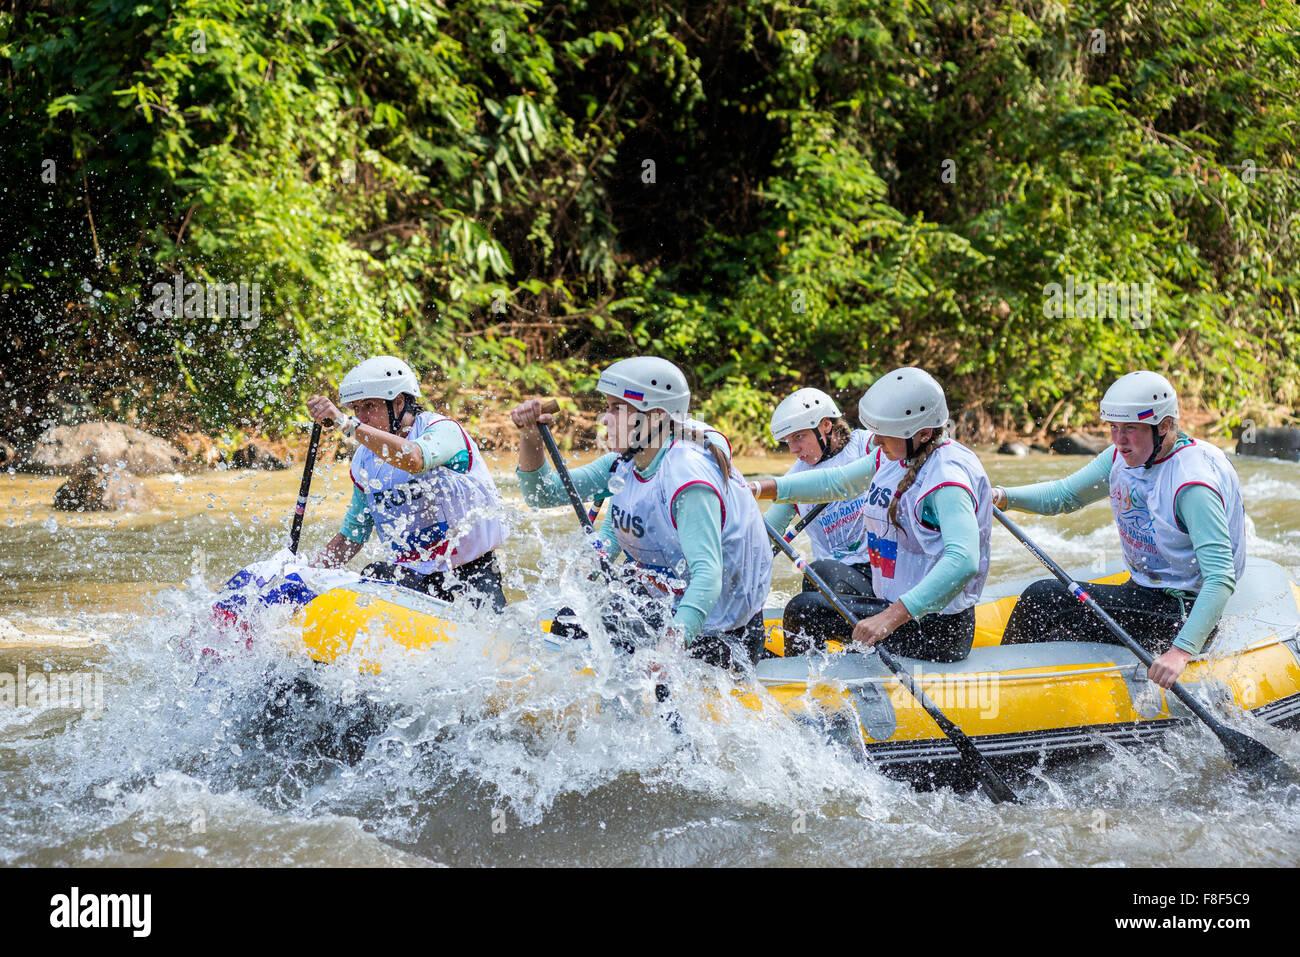 Fédération de l'équipe féminine U19 durant la course sprint sur 2015 Catégorie Rafting Photo Stock